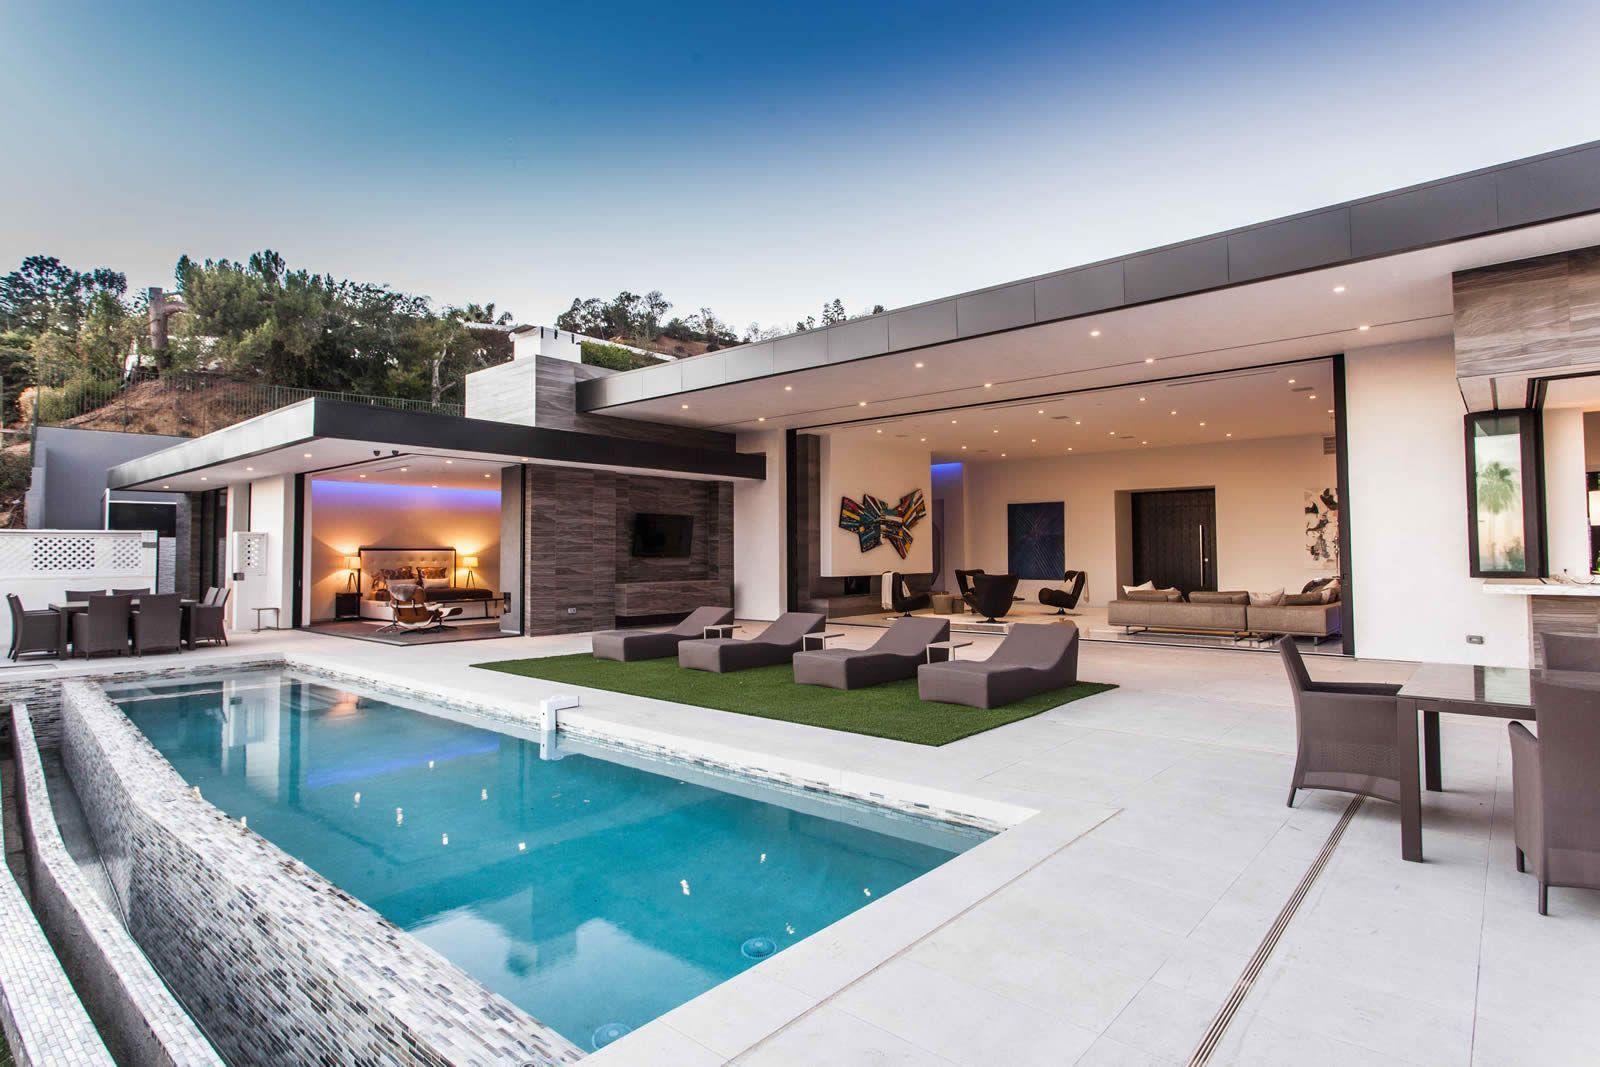 Magnifique Maison A Louer En Espagne Avec Piscine   House ... destiné Villa En Espagne Avec Piscine